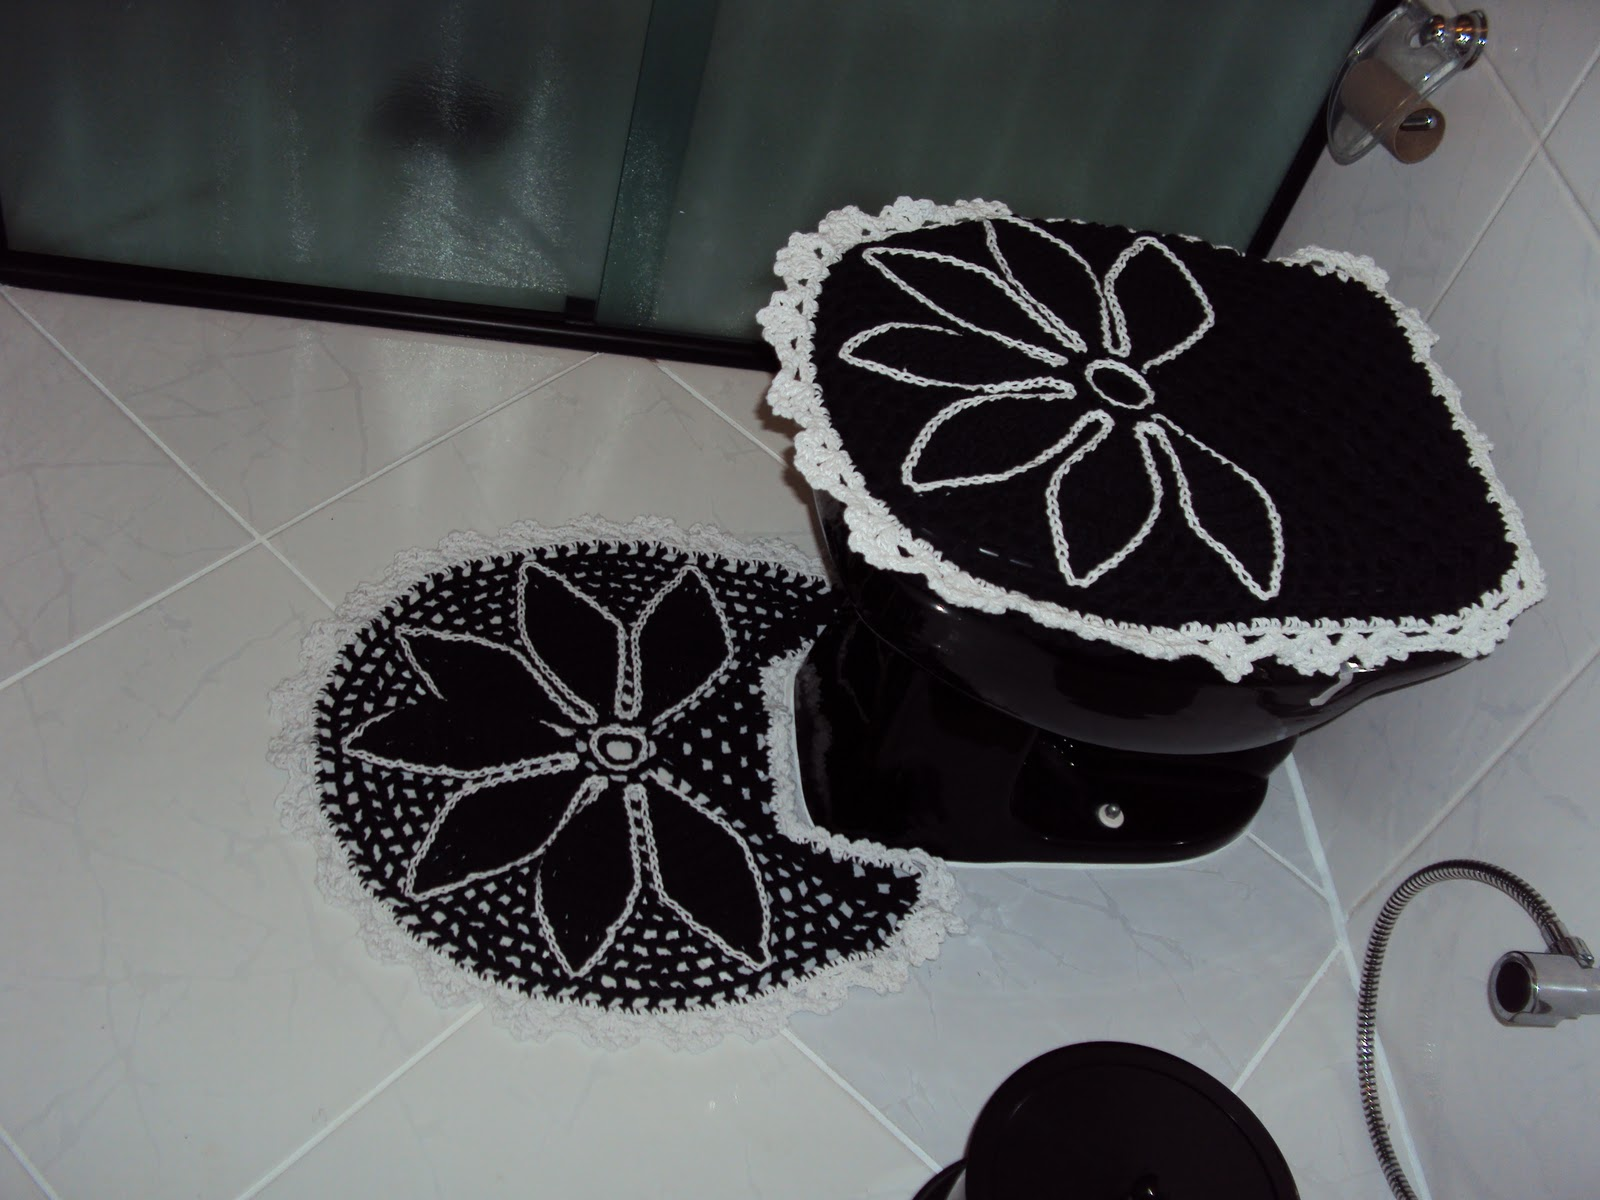 Art em Crochê: Jogo de Banheiro Pétalas Preto Branco #594F4E 1600x1200 Azulejos Banheiro Preto E Branco